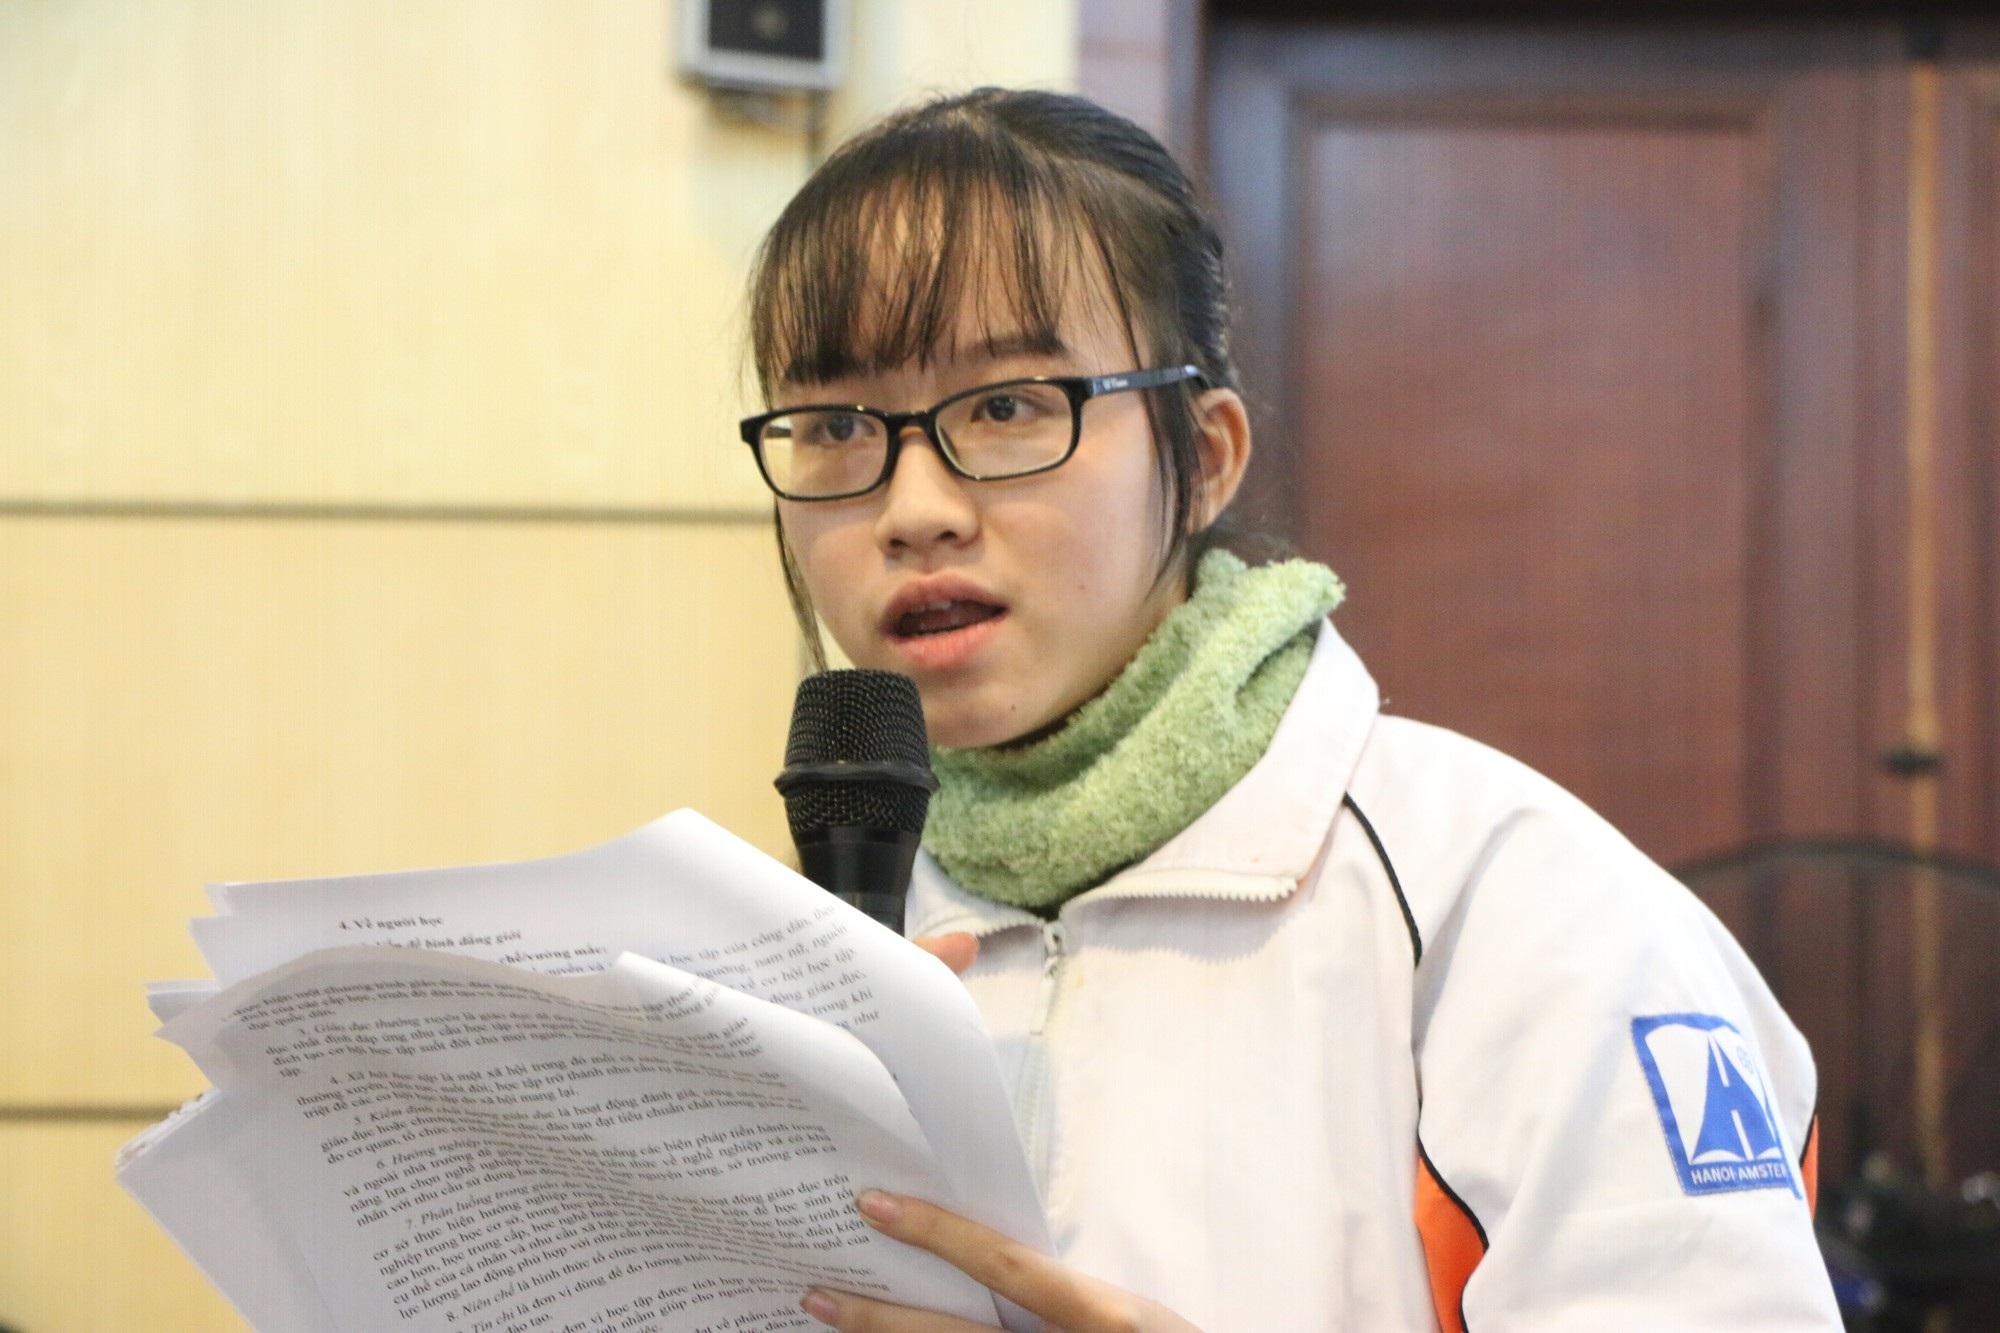 Học sinh đề xuất tư nhân hóa trường chuyên - Ảnh 2.